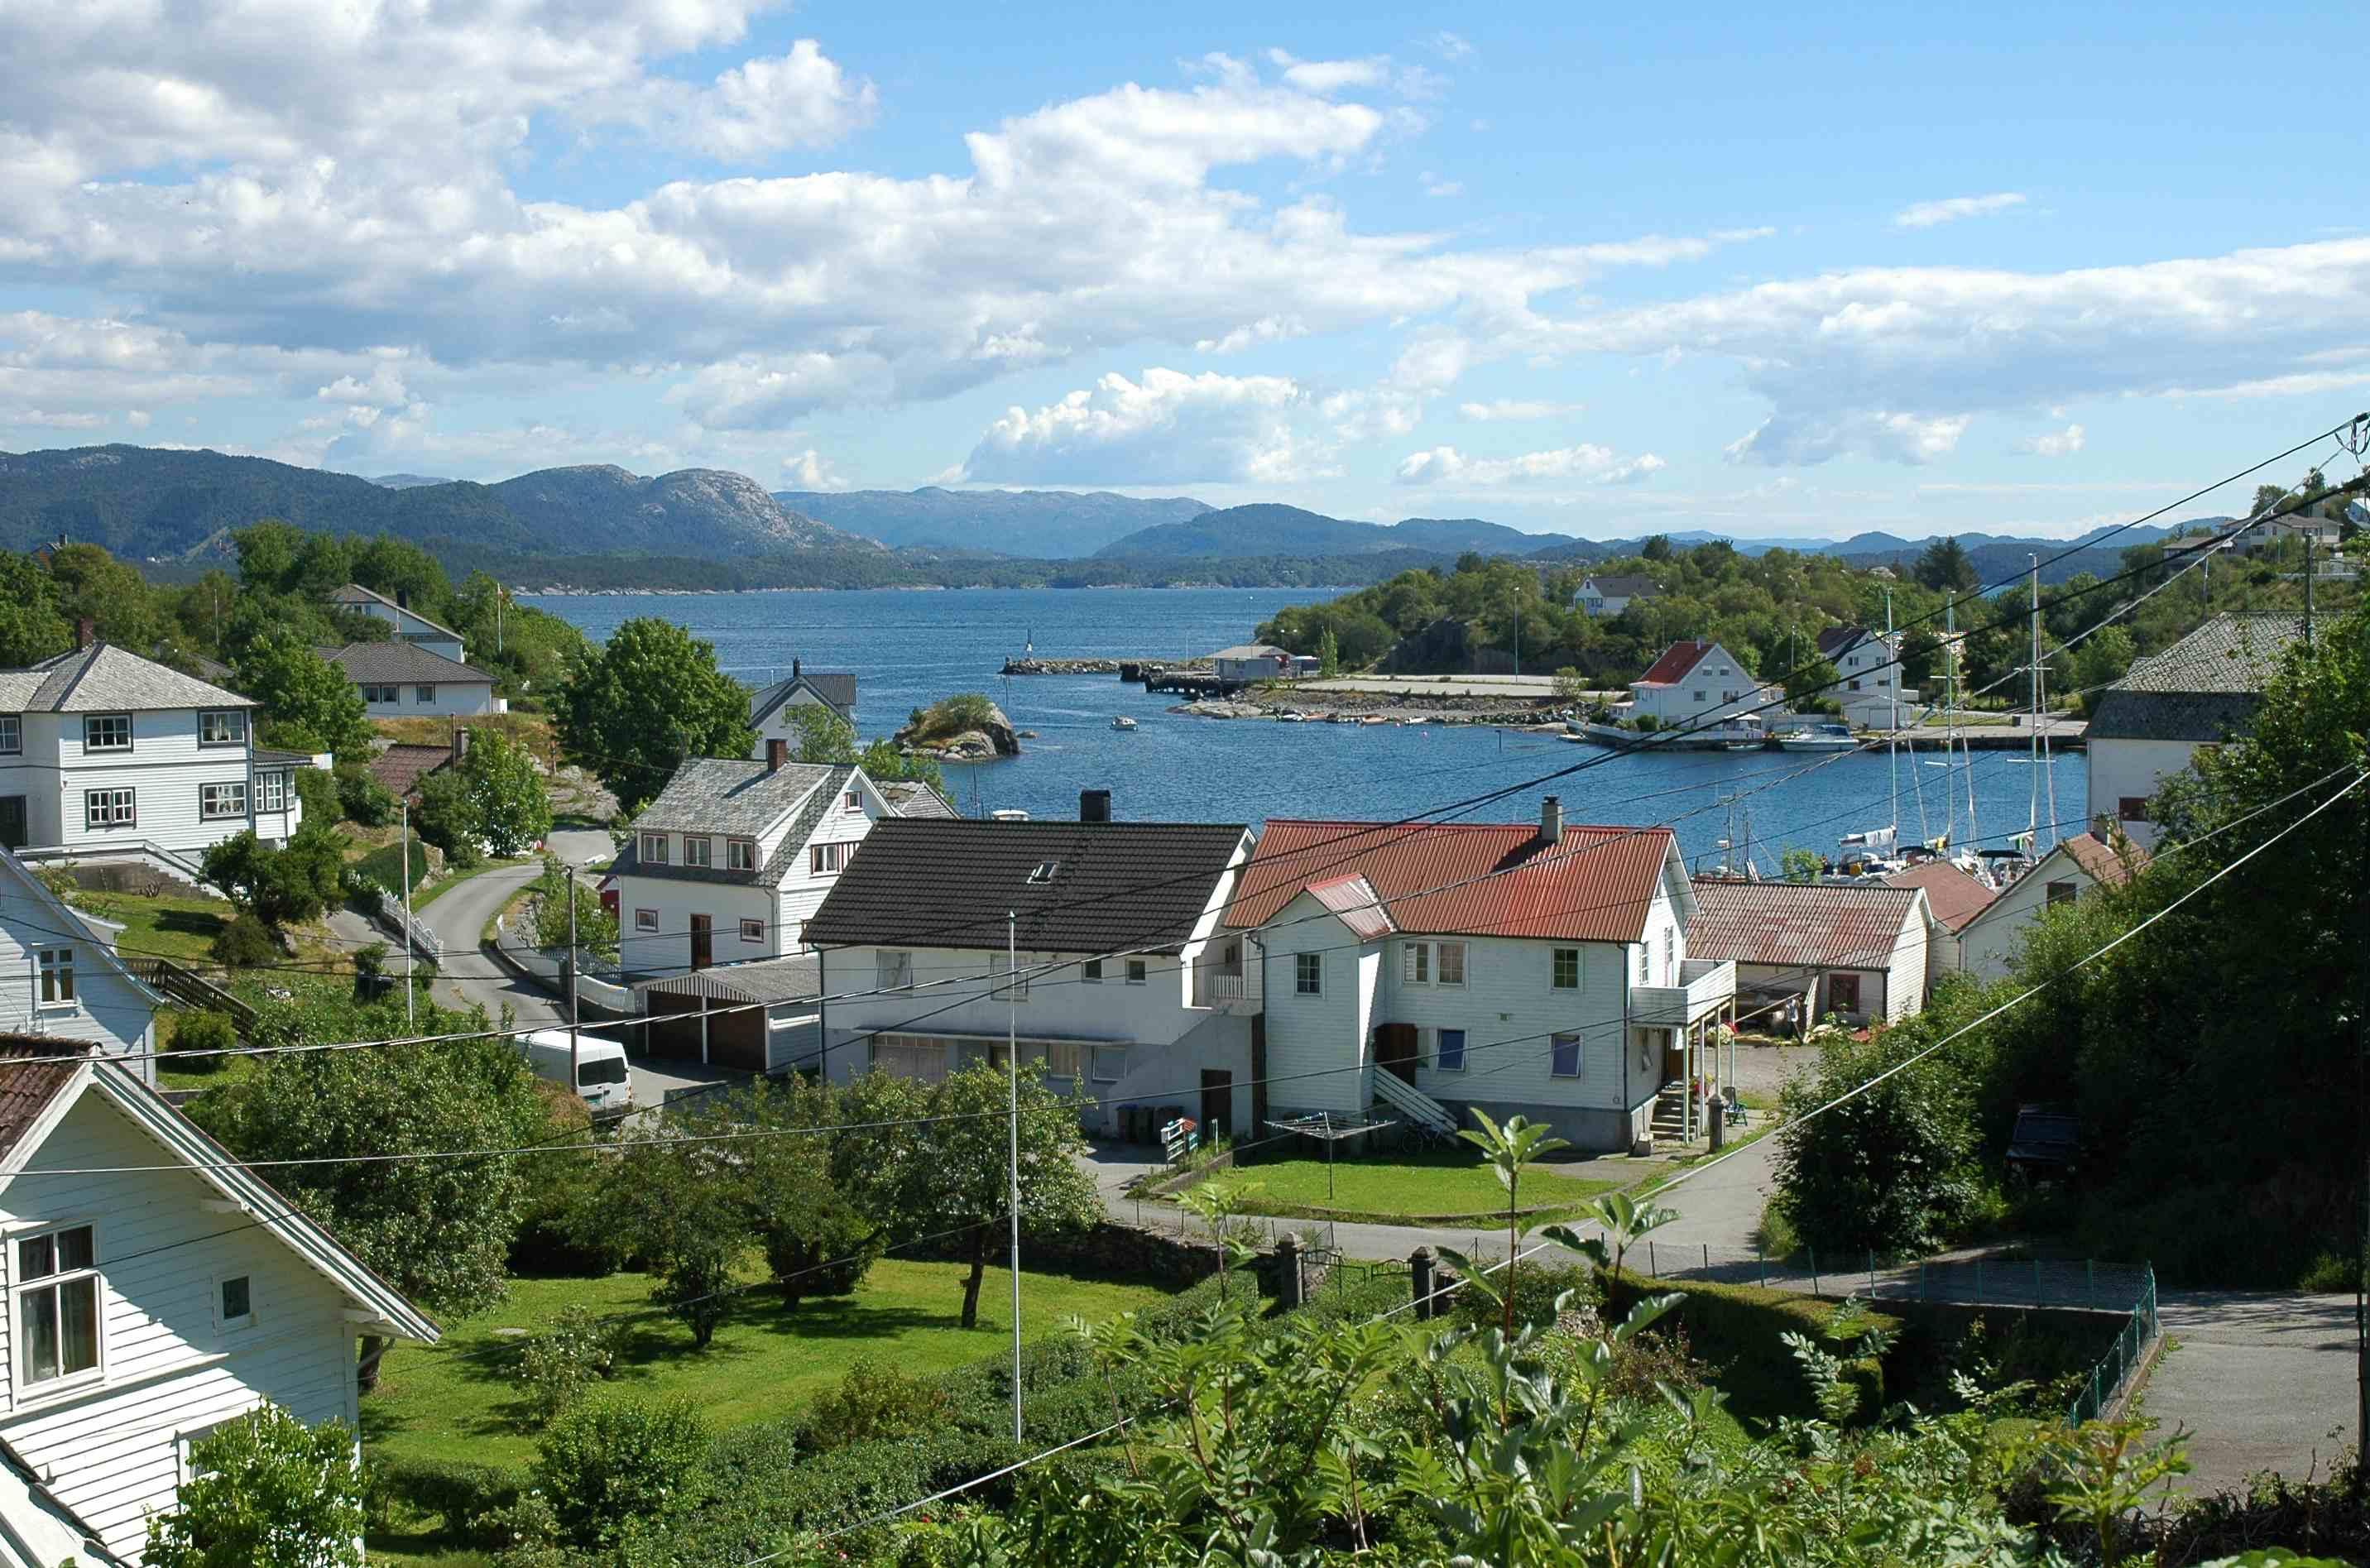 Fil:Mosterhamn - utsikt fra Amfiet.jpg